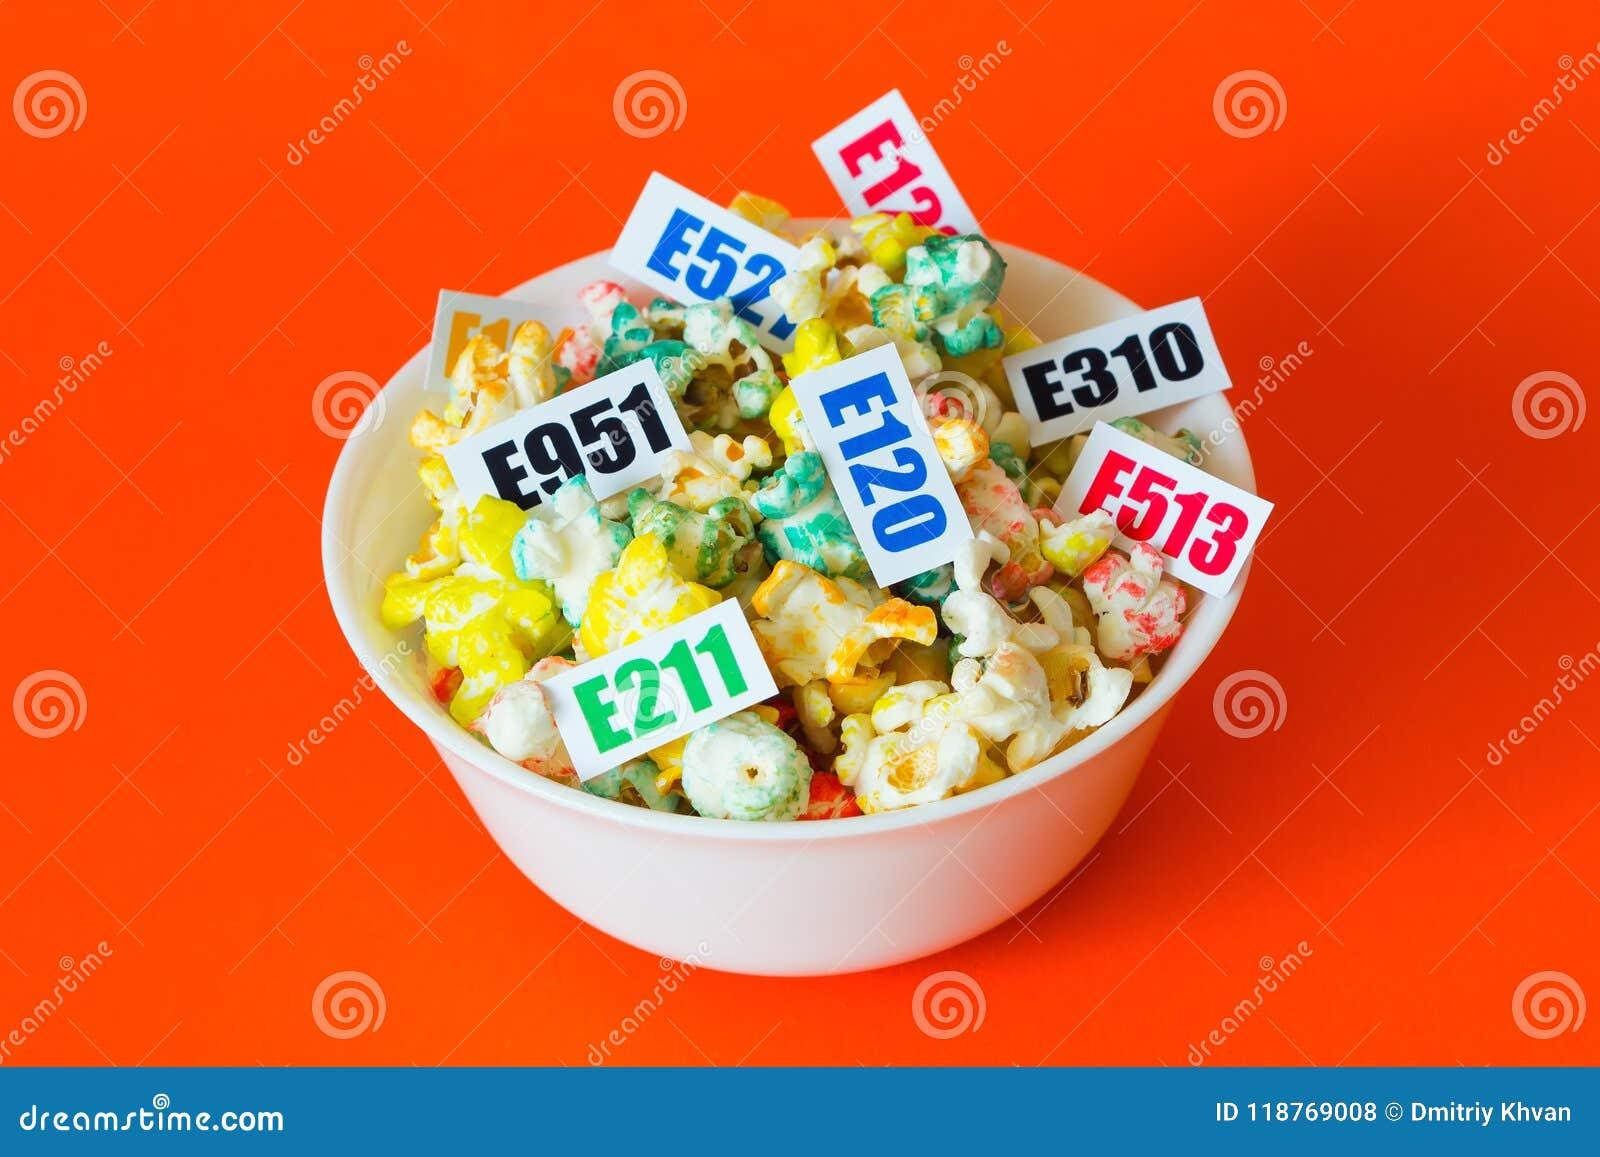 Schädliche Lebensmittelzusatzstoffe Es gibt einige Tabellen mit dem Code E